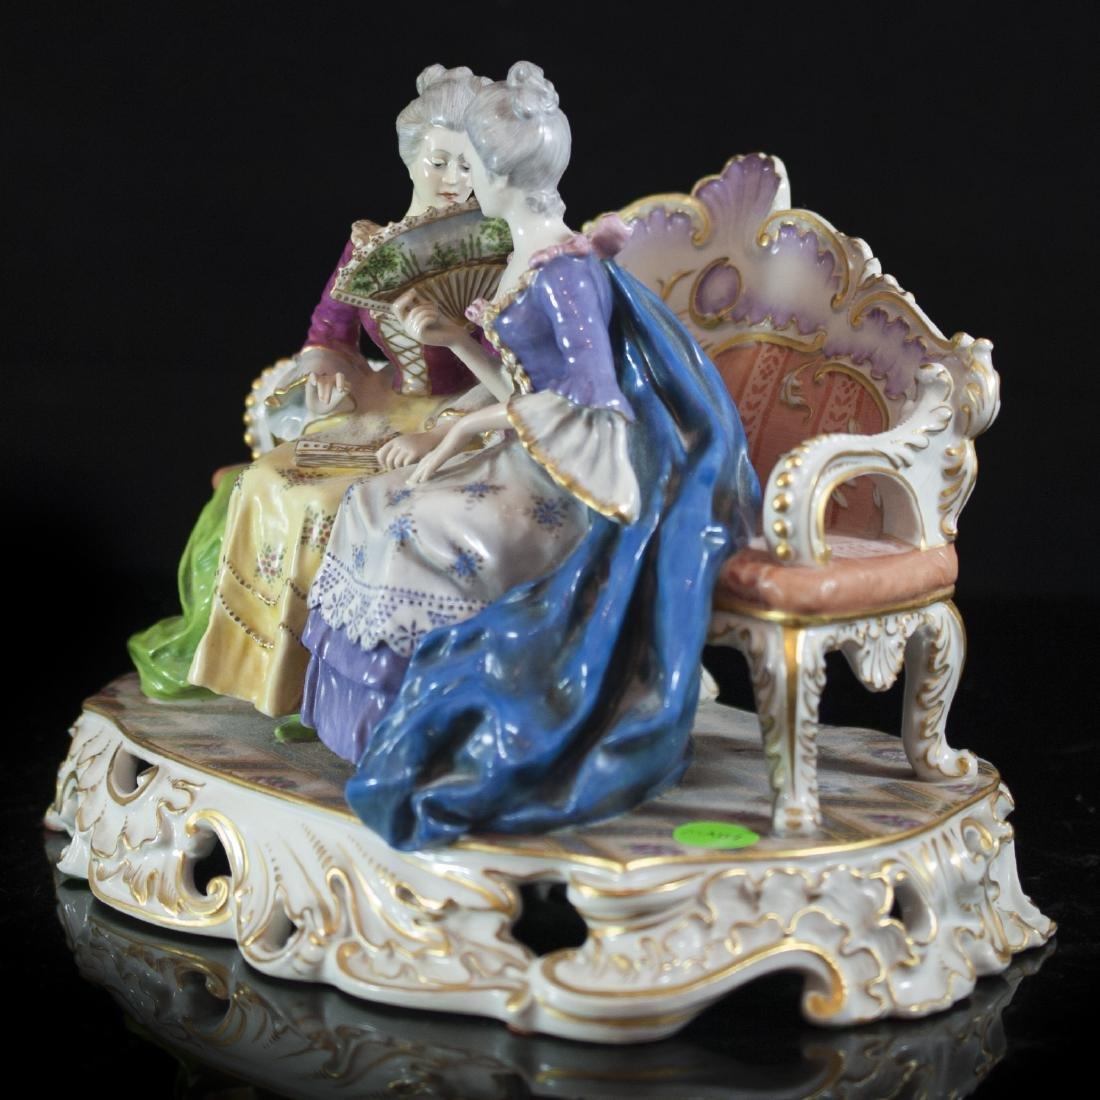 Antique Capodimonte Porcelain Figurine - 6